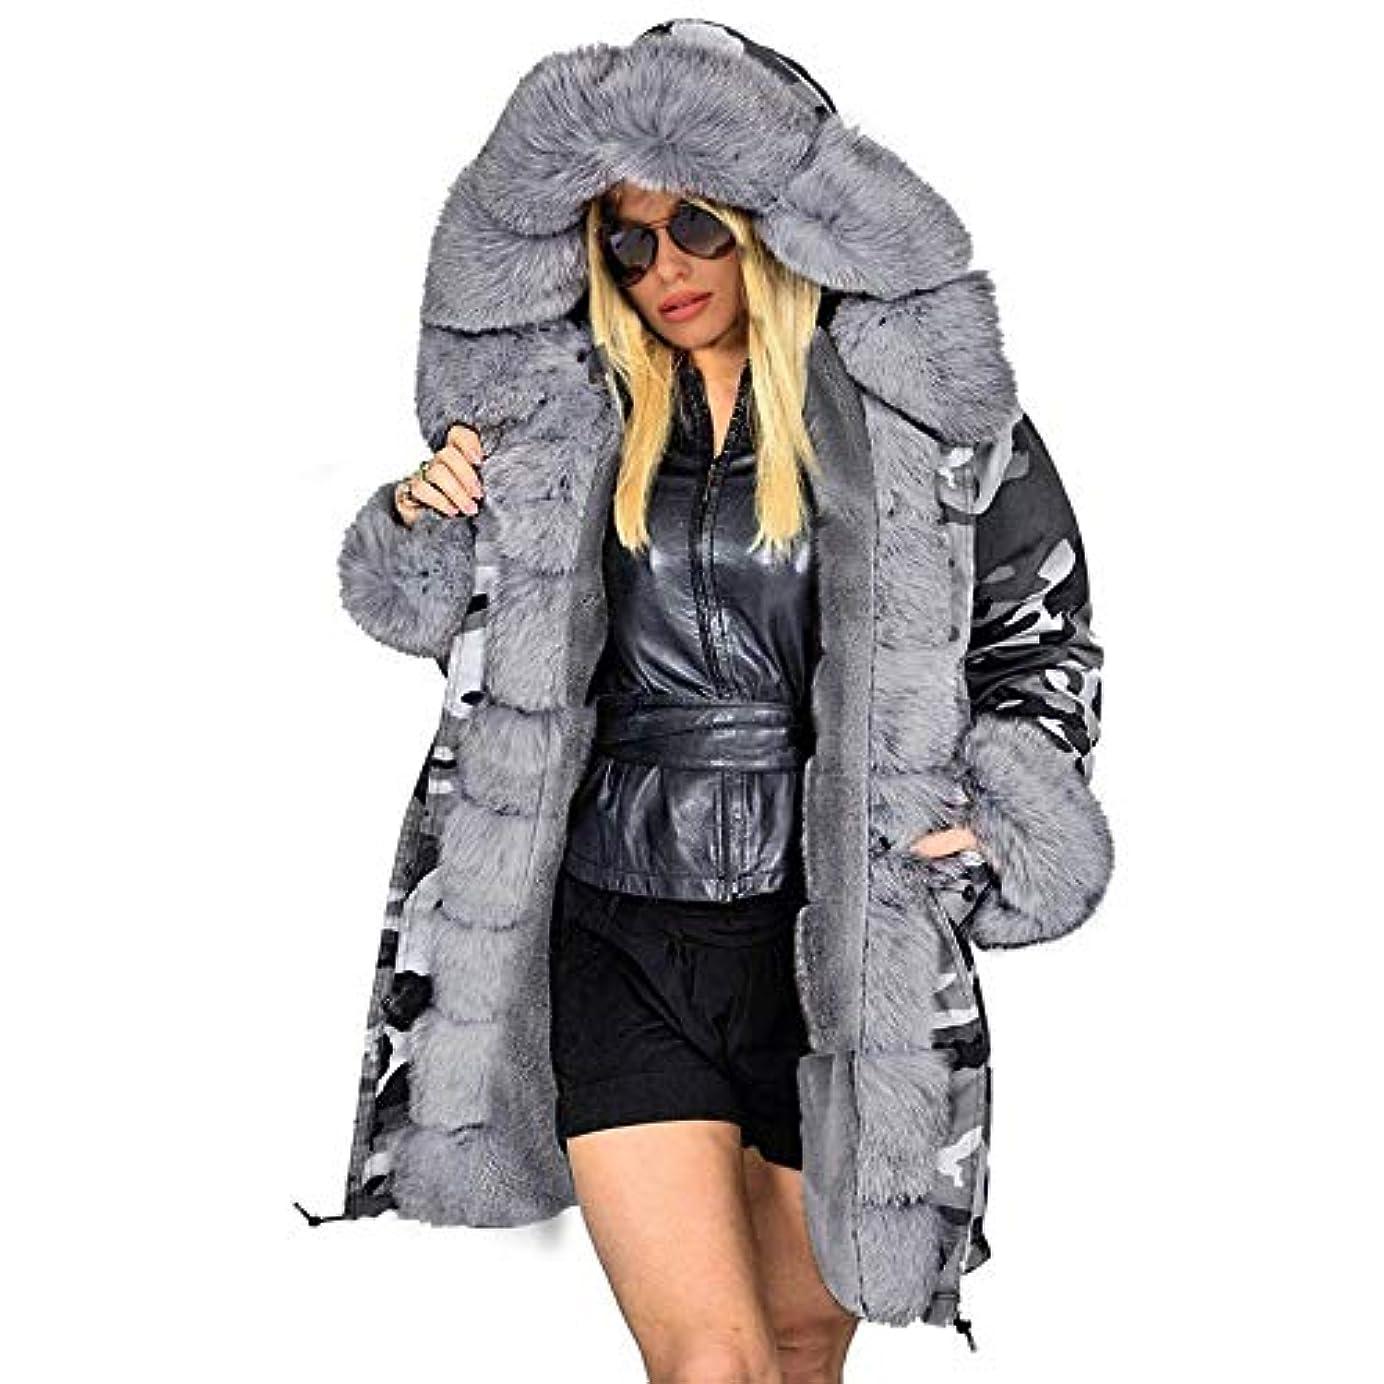 ばかシャーロックホームズ対処するファッションコートウィンタージャケット女性フードパーカーロングウォームコットンジャケットアウターウェア女性ウィンターコートプラスサイズ,XXXL